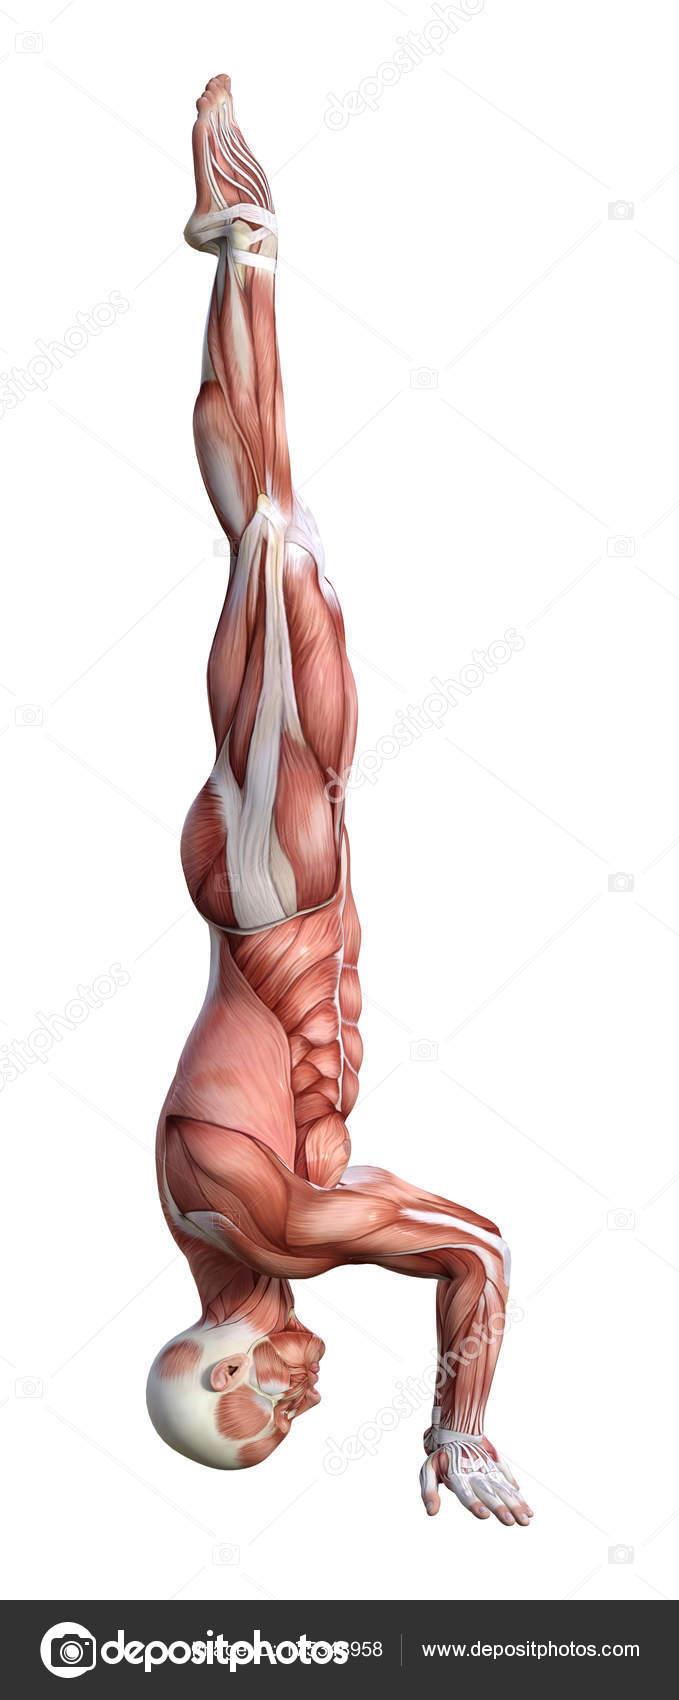 Beste 3d Männliche Anatomie Fotos - Anatomie Ideen - finotti.info